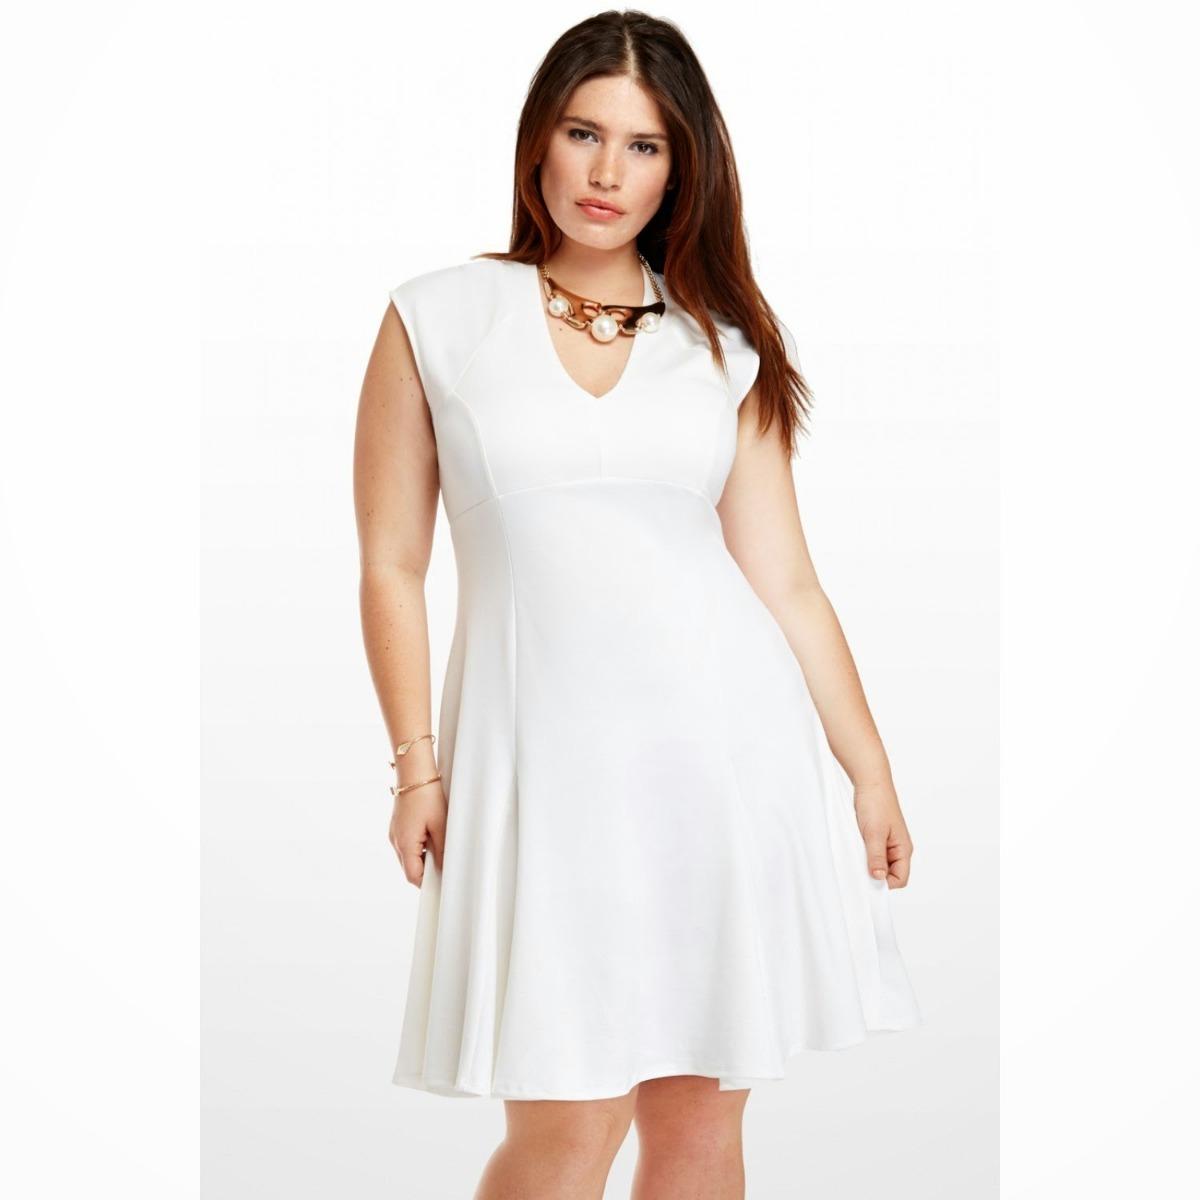 8dac1158de vestidos coctel casuales elegantes para gorditas tallas plus. Cargando zoom.